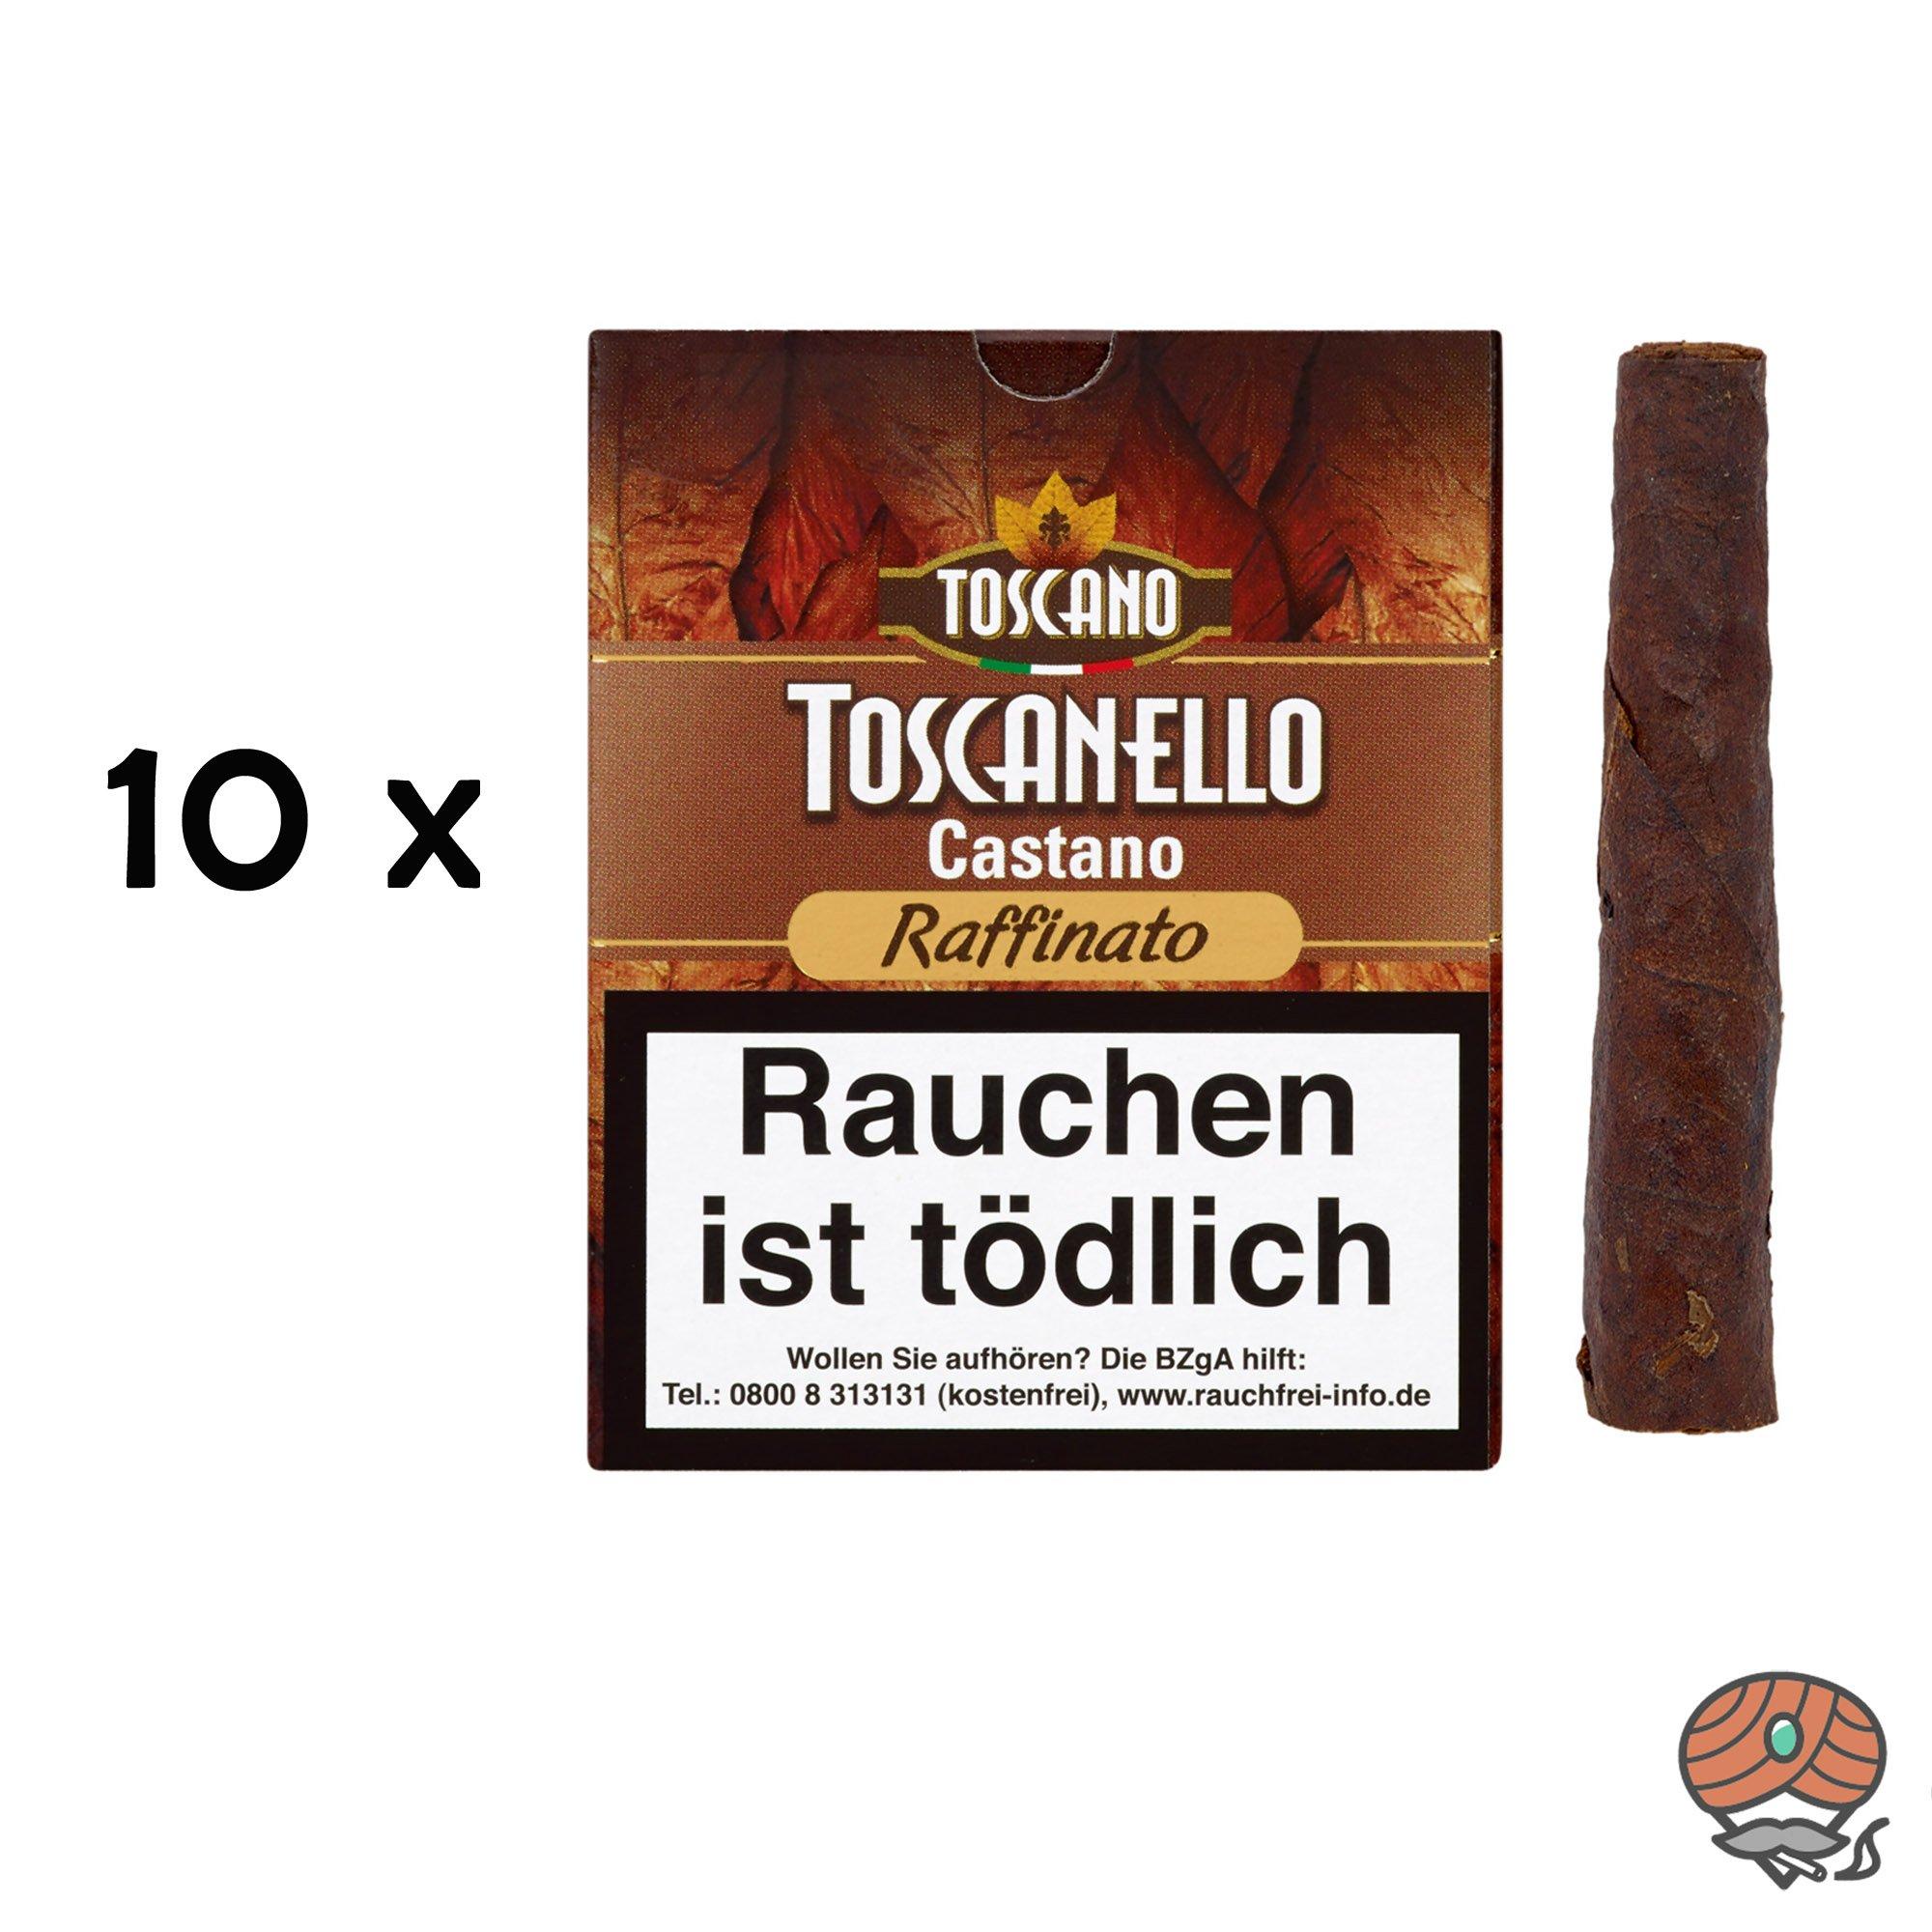 10 x Toscanello Castano Raffinato Zigarren (geröstete Haselnuss) à 5 Zigarren